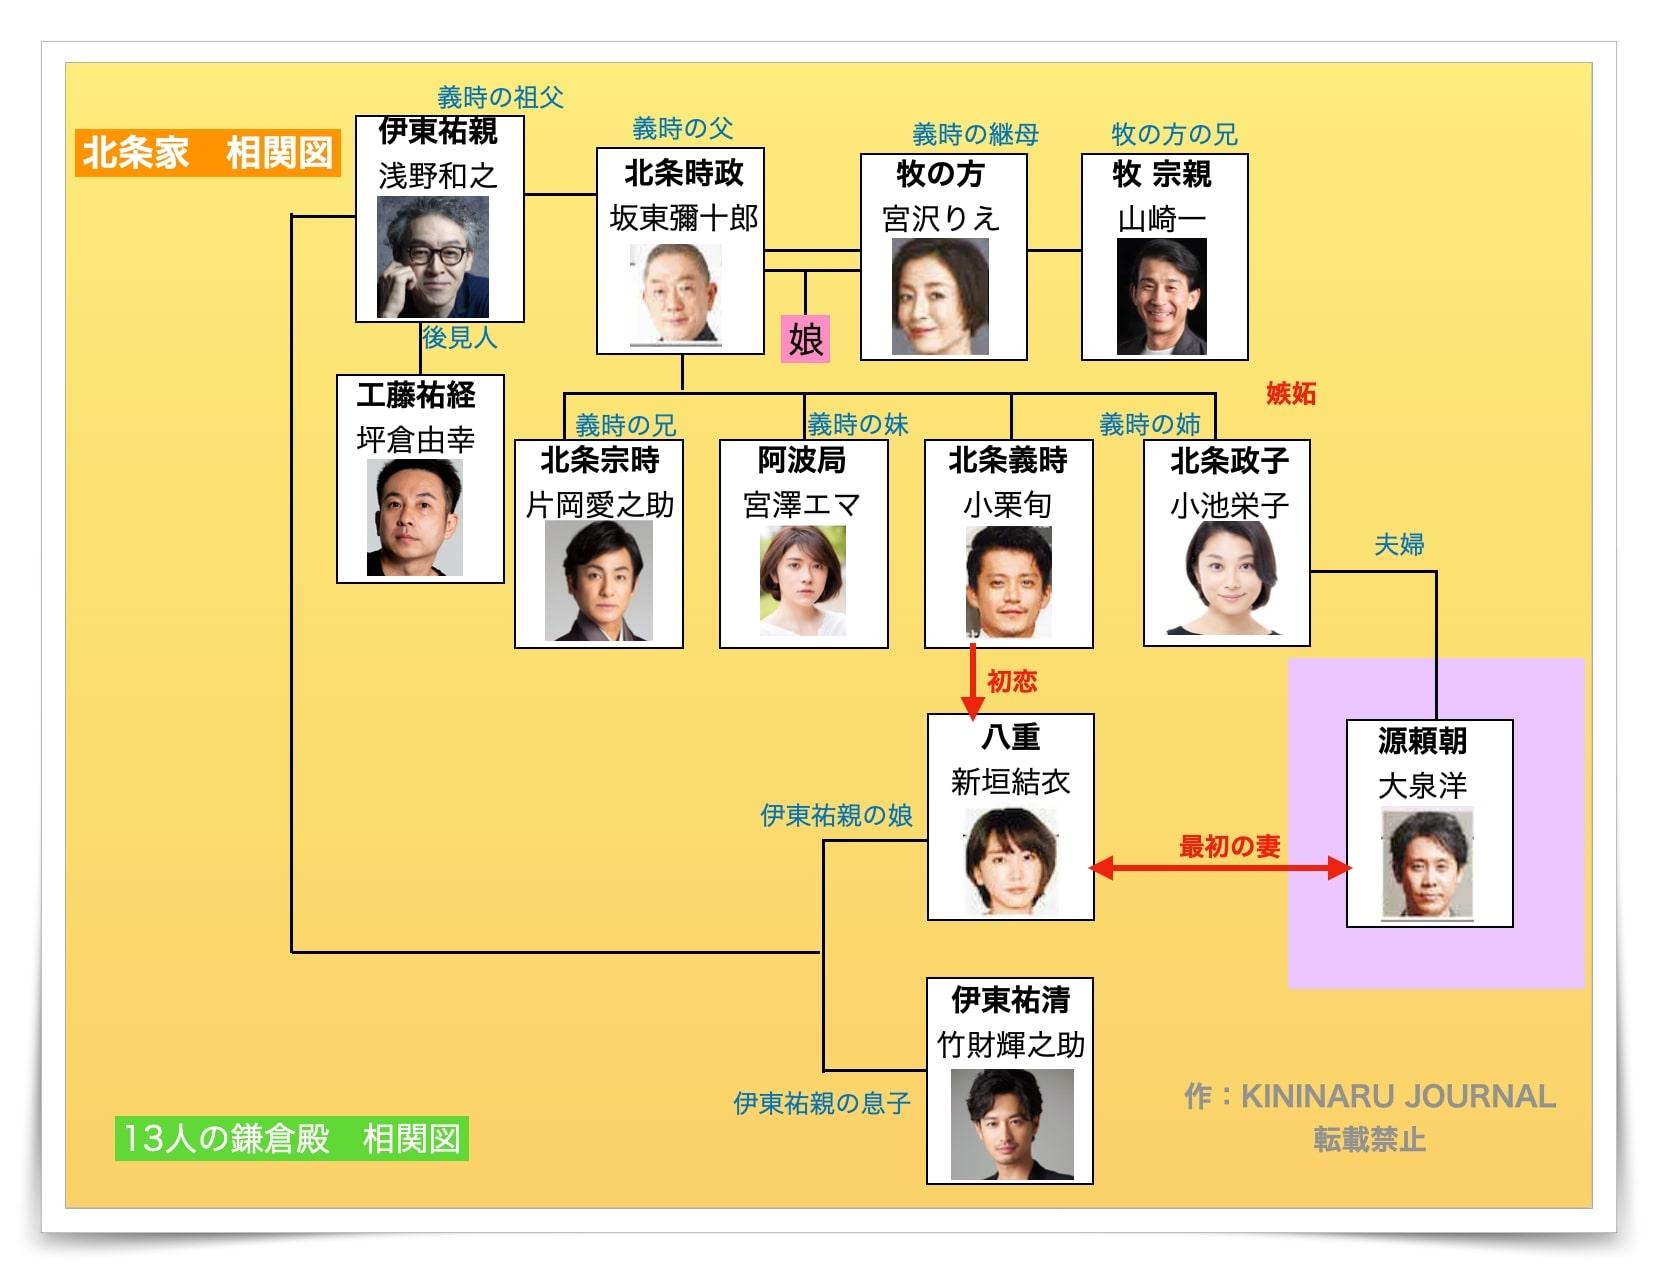 鎌倉殿の13人,相関図,キャスト,一覧,北条家の相関図